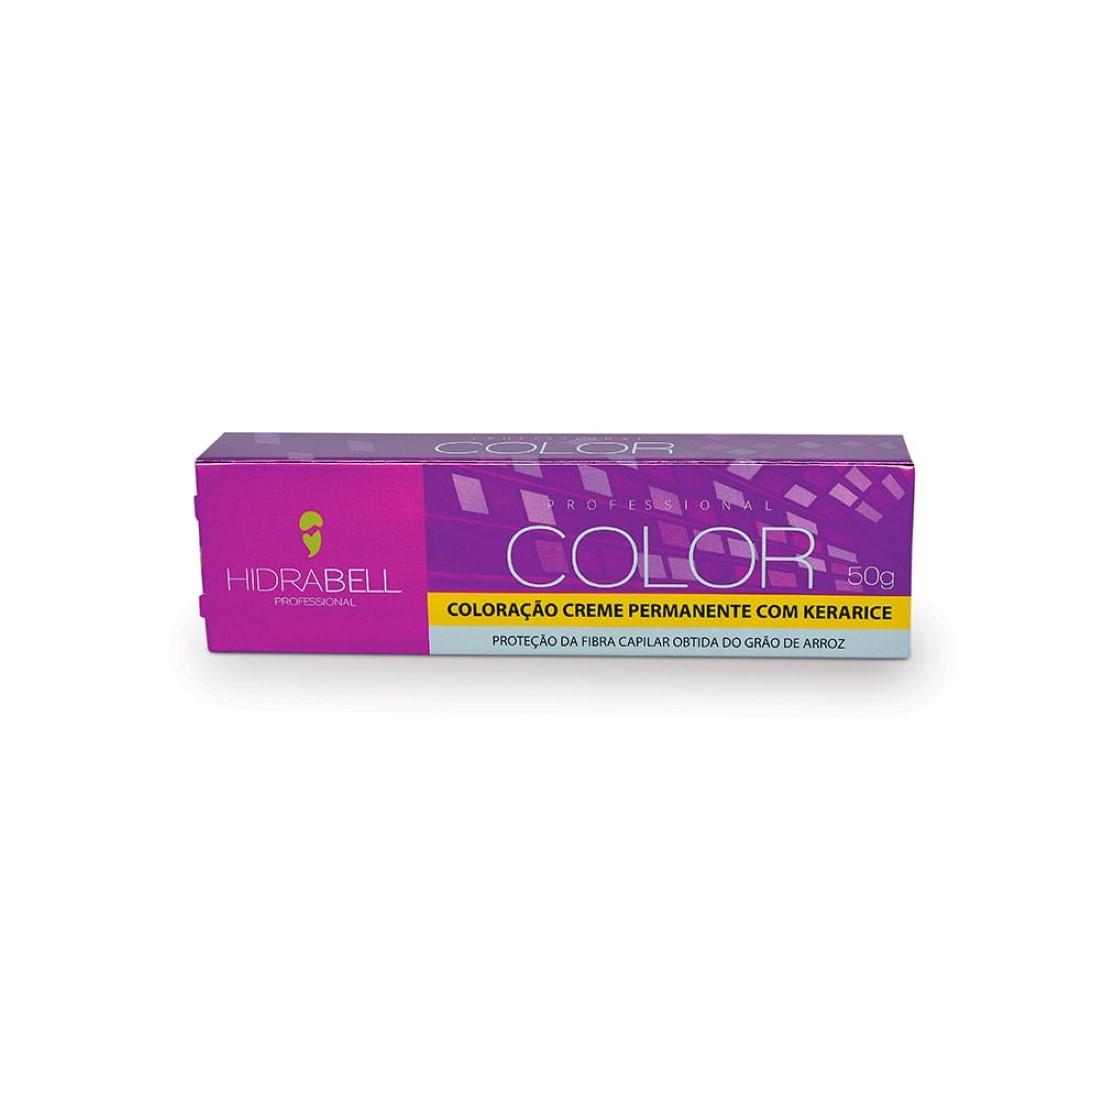 Coloração Creme Permanente 0.6 Intensificador Vermelho 50g - Hidrabell